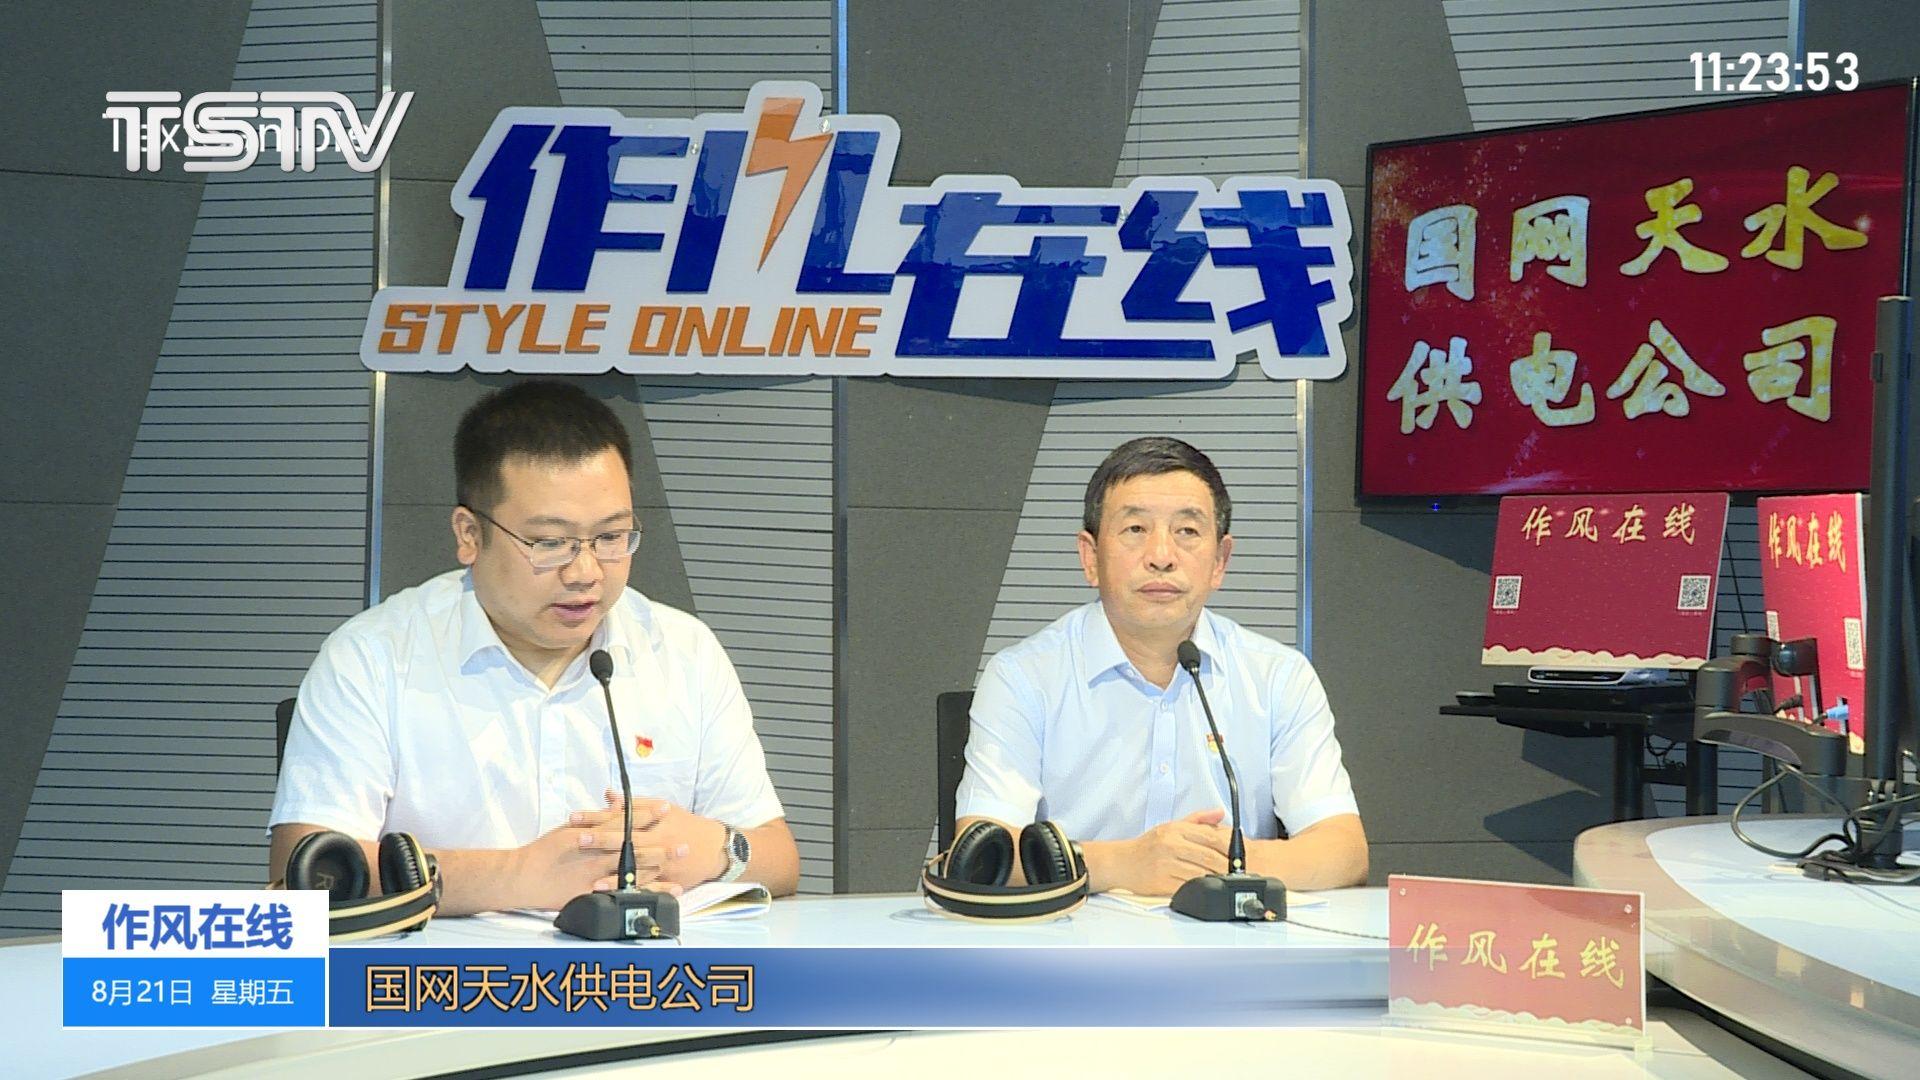 8月21日国网fun88乐天堂官网体育供电公司上线